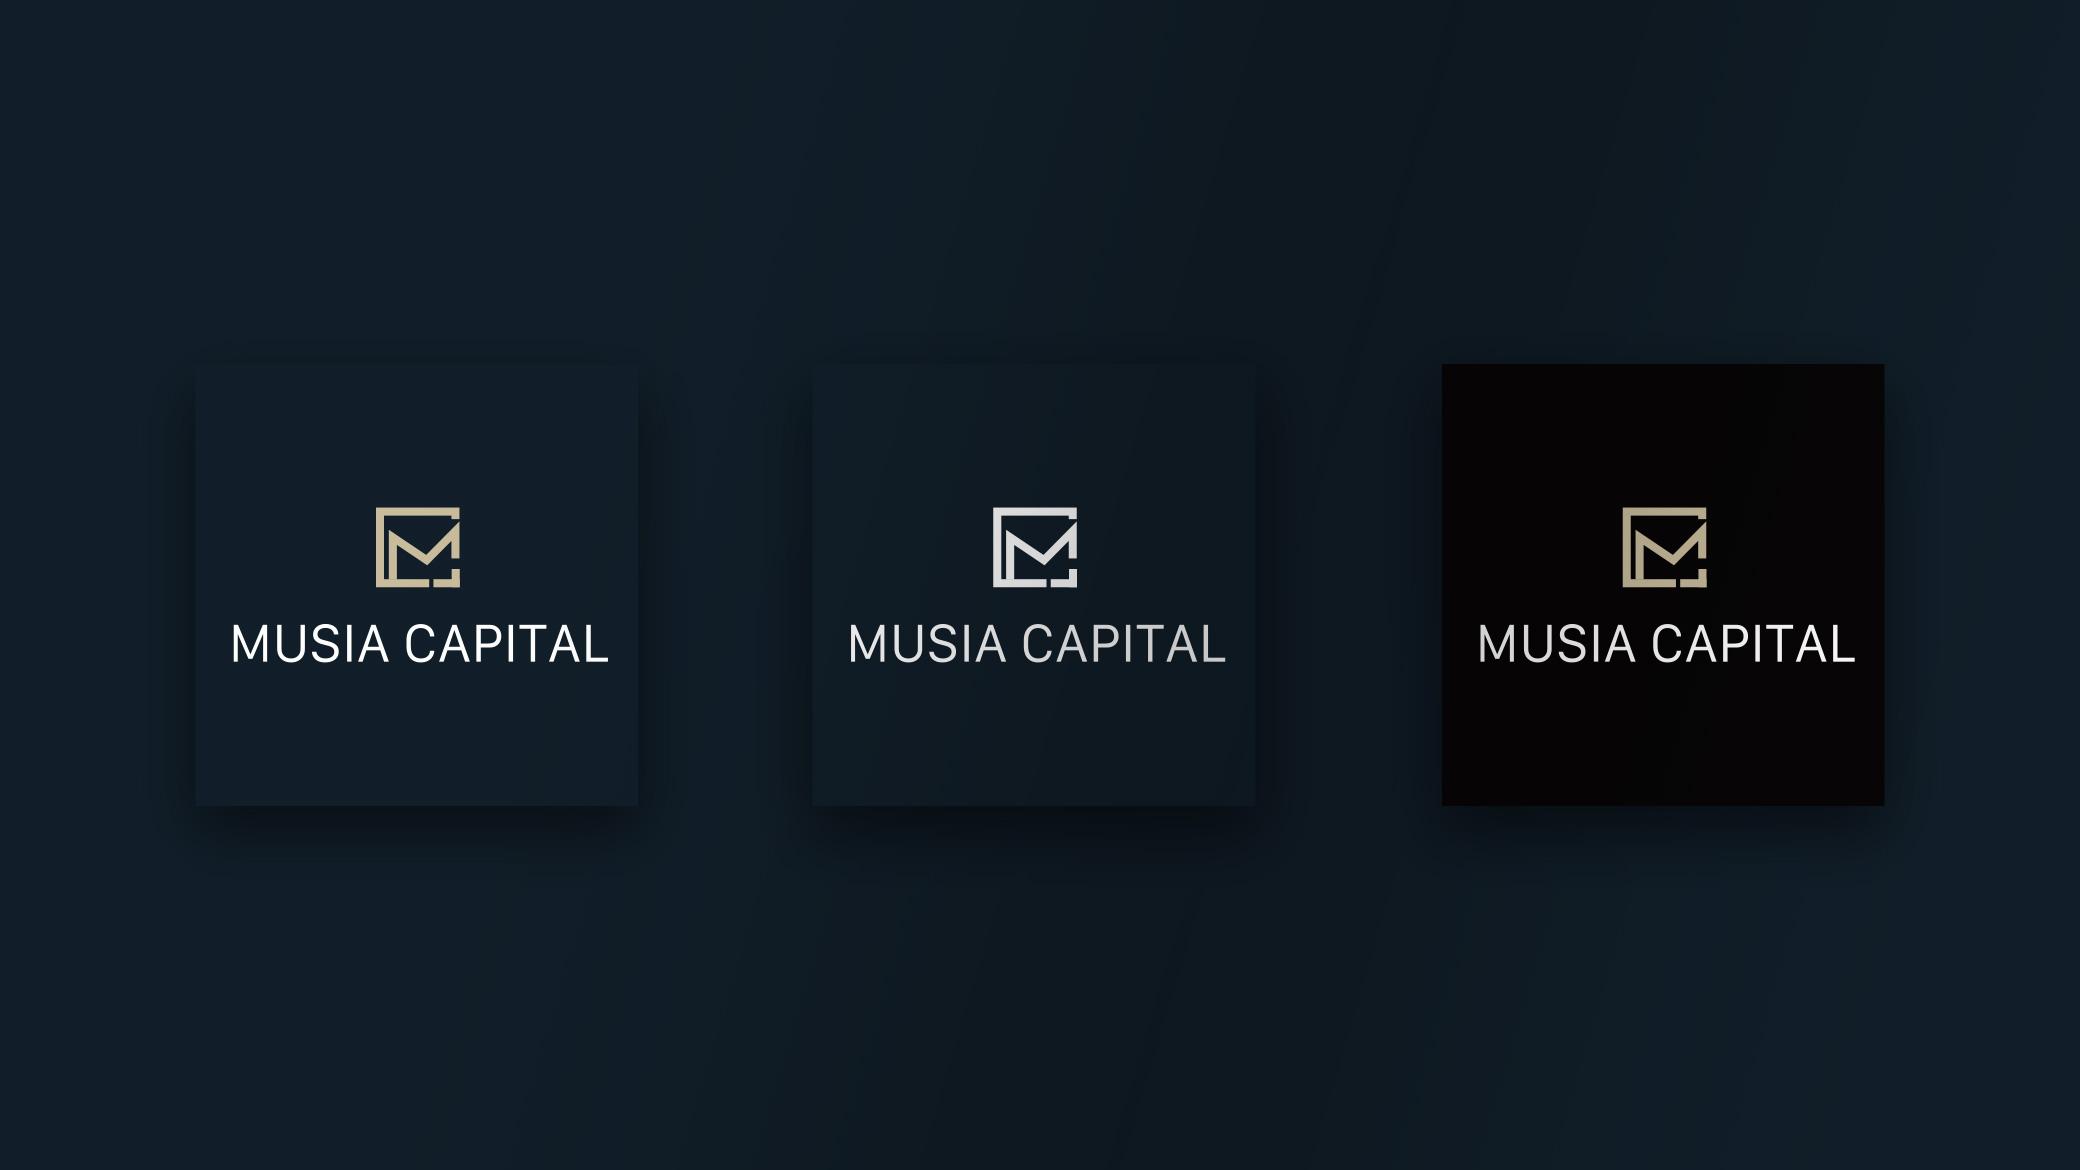 Musia Capital Logo Design Square view